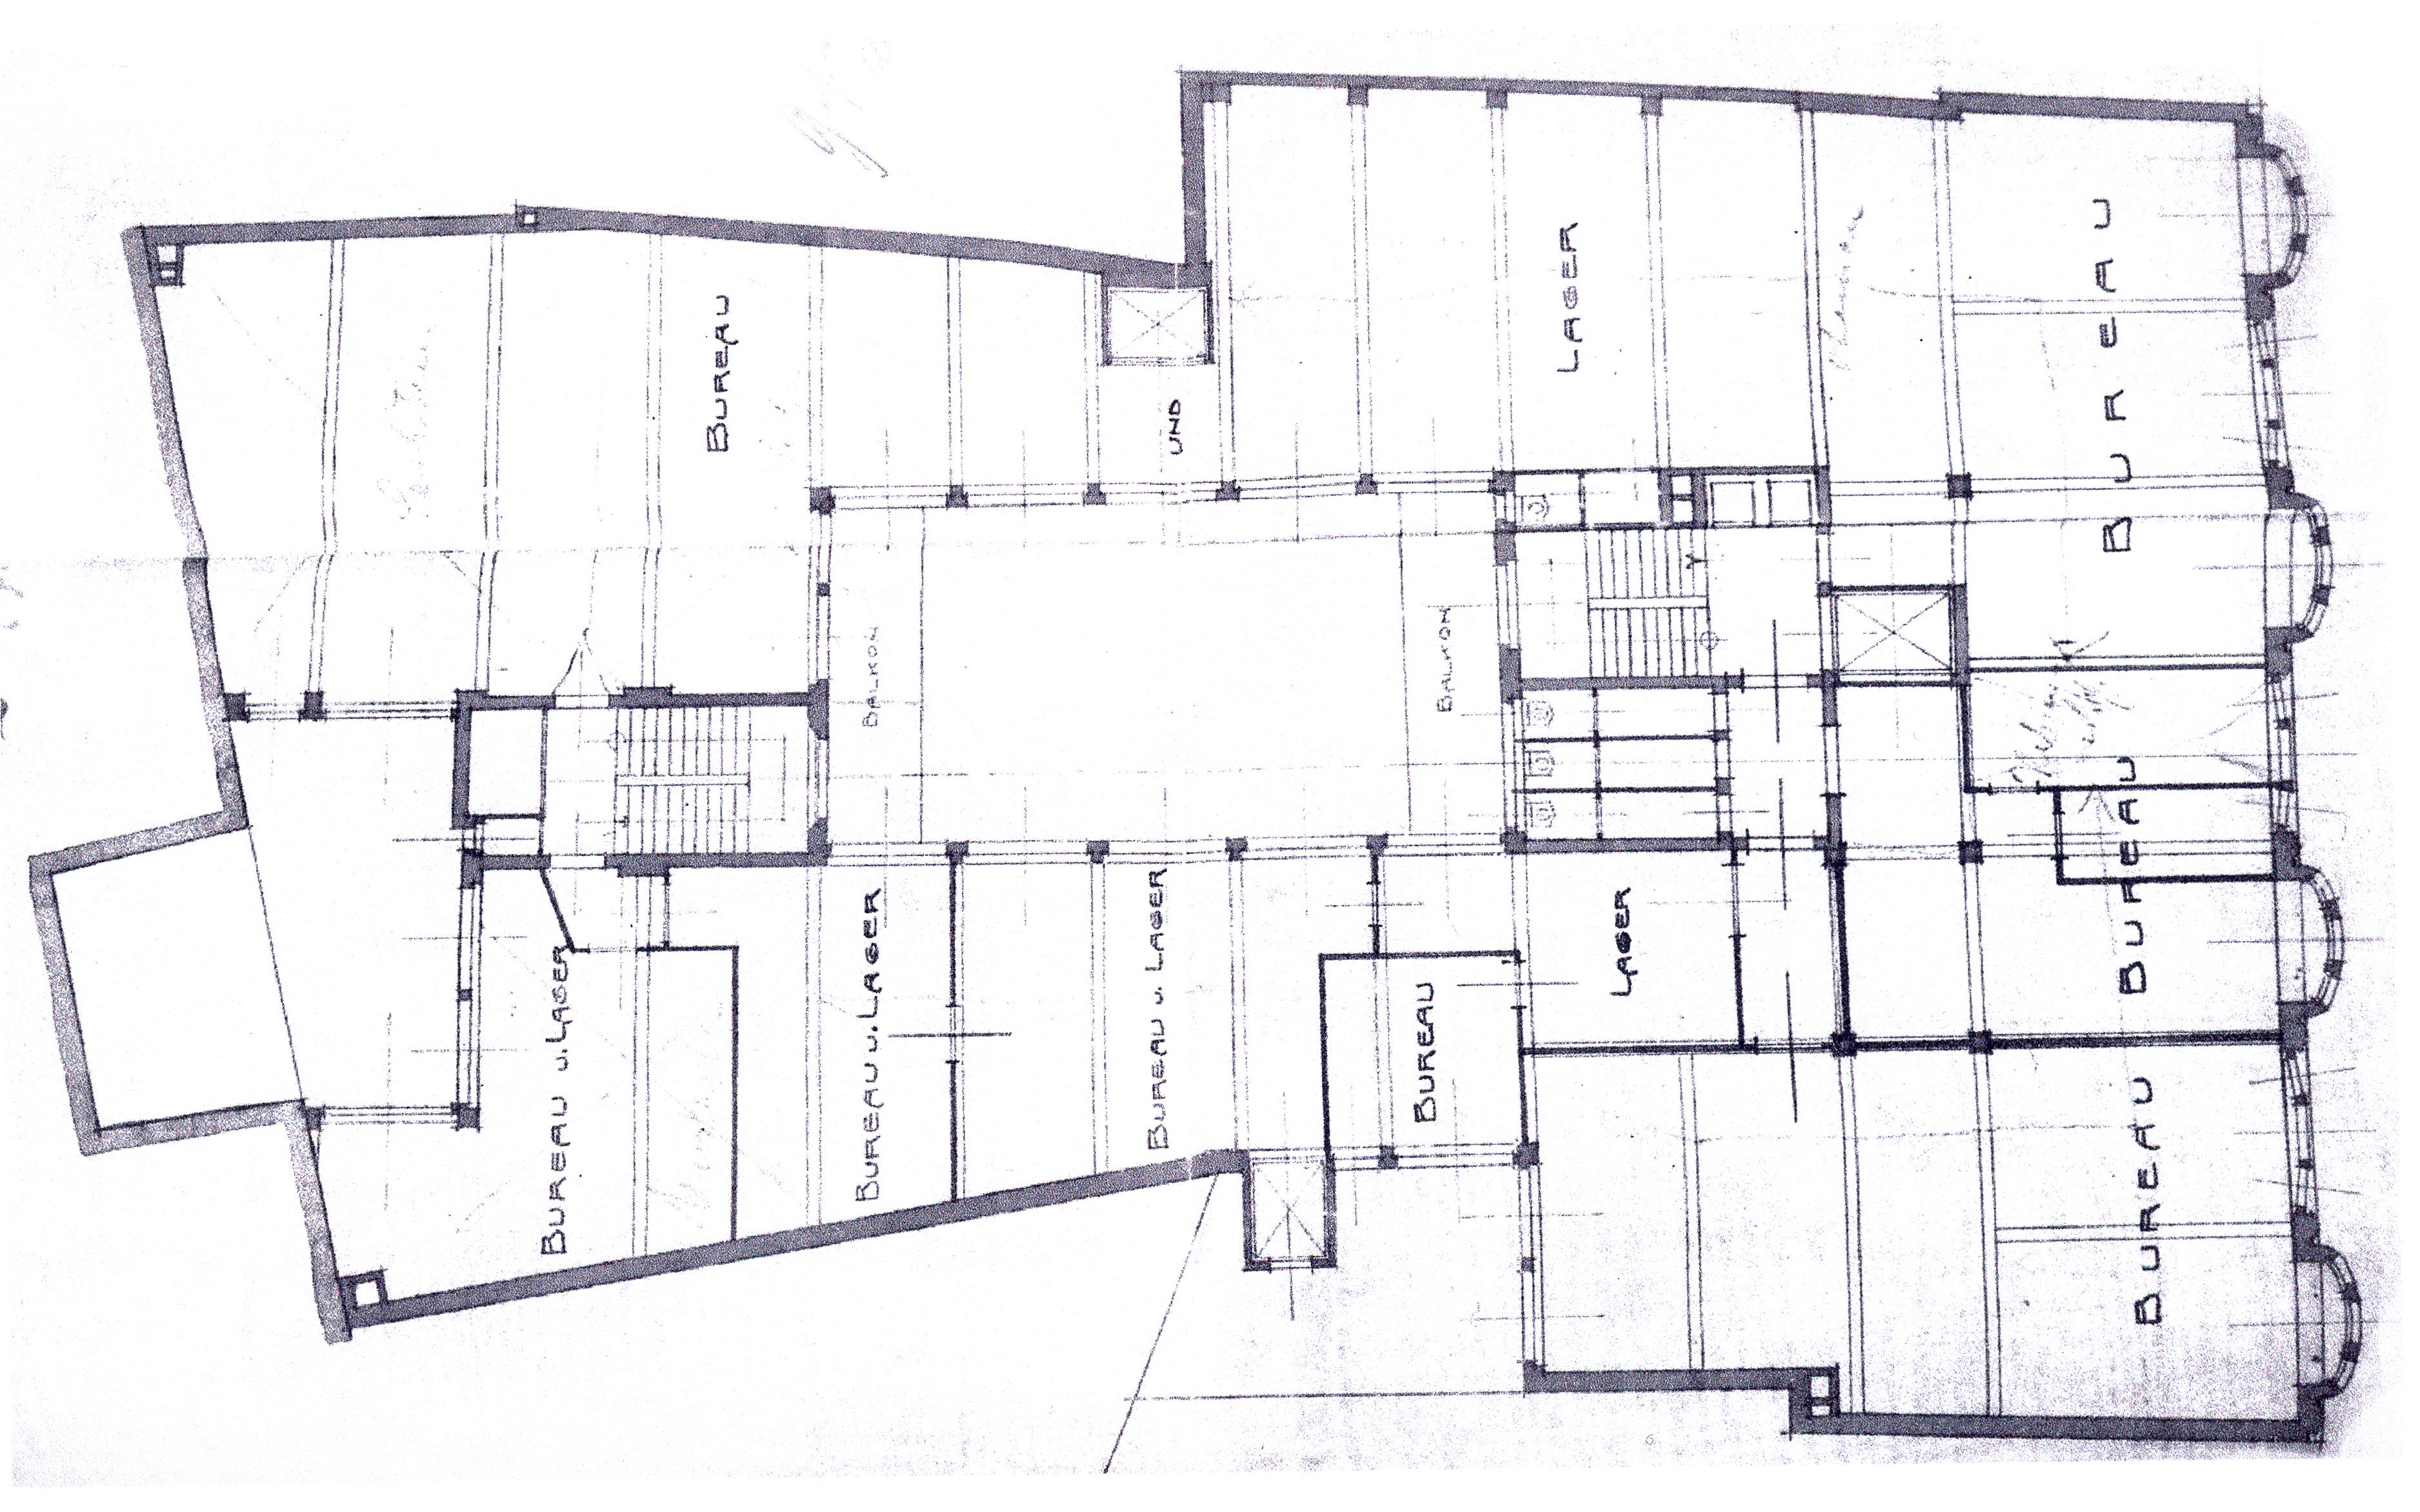 File:Abb. 57, Leipzig, Zeppelin Haus, Grundriss 1. Obergeschoss